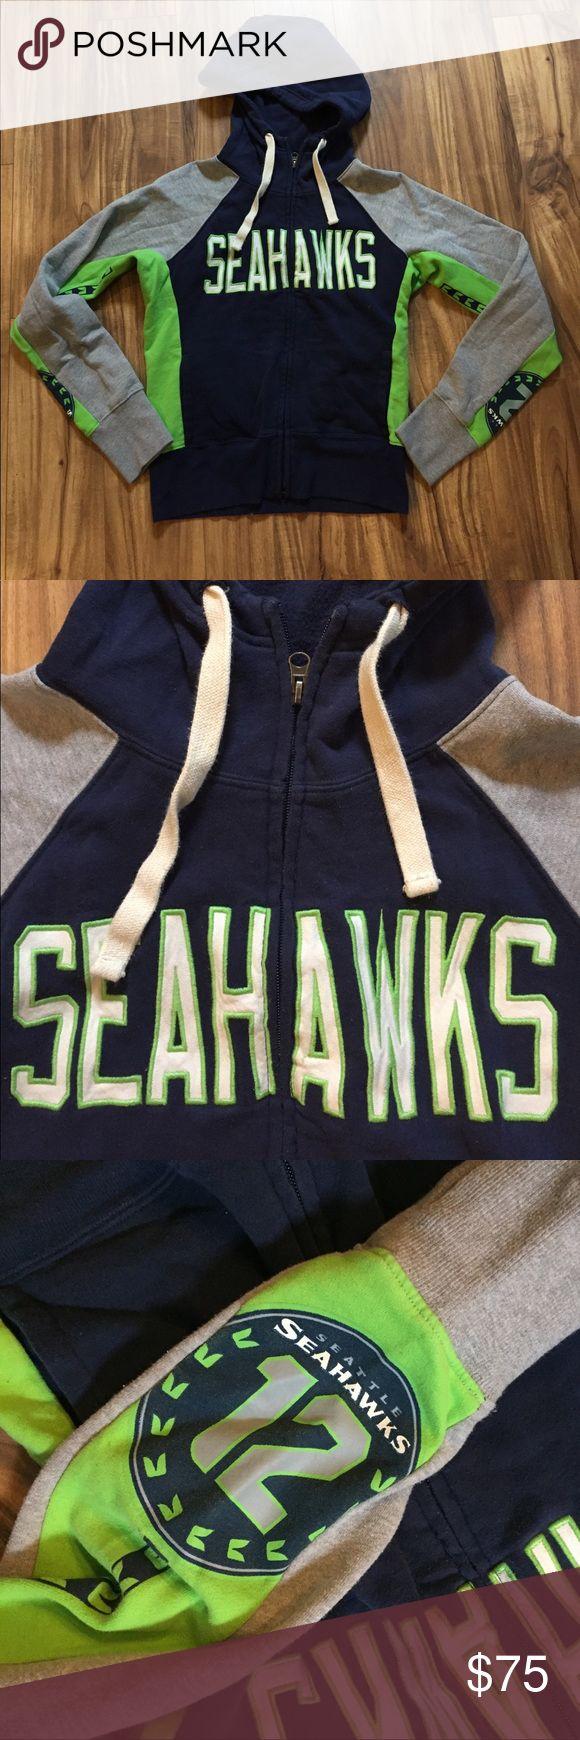 Seahawks zip up hoodie Seattle Seahawks sweatshirt bought in the stadium pro shop Tops Sweatshirts & Hoodies